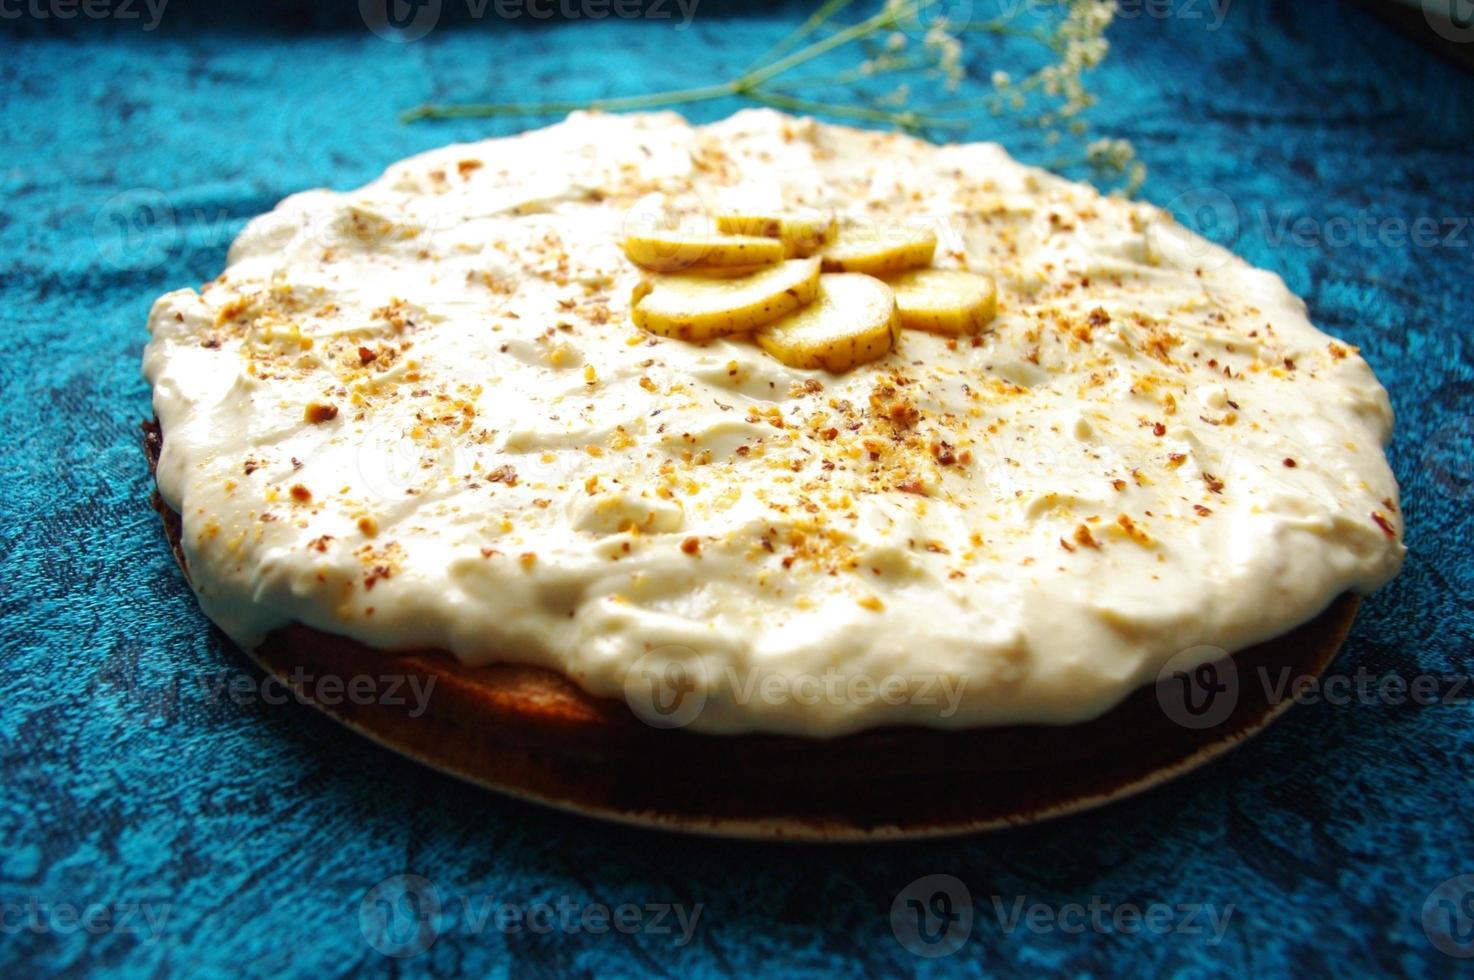 gâteau crémeux fait maison avec des bananes photo